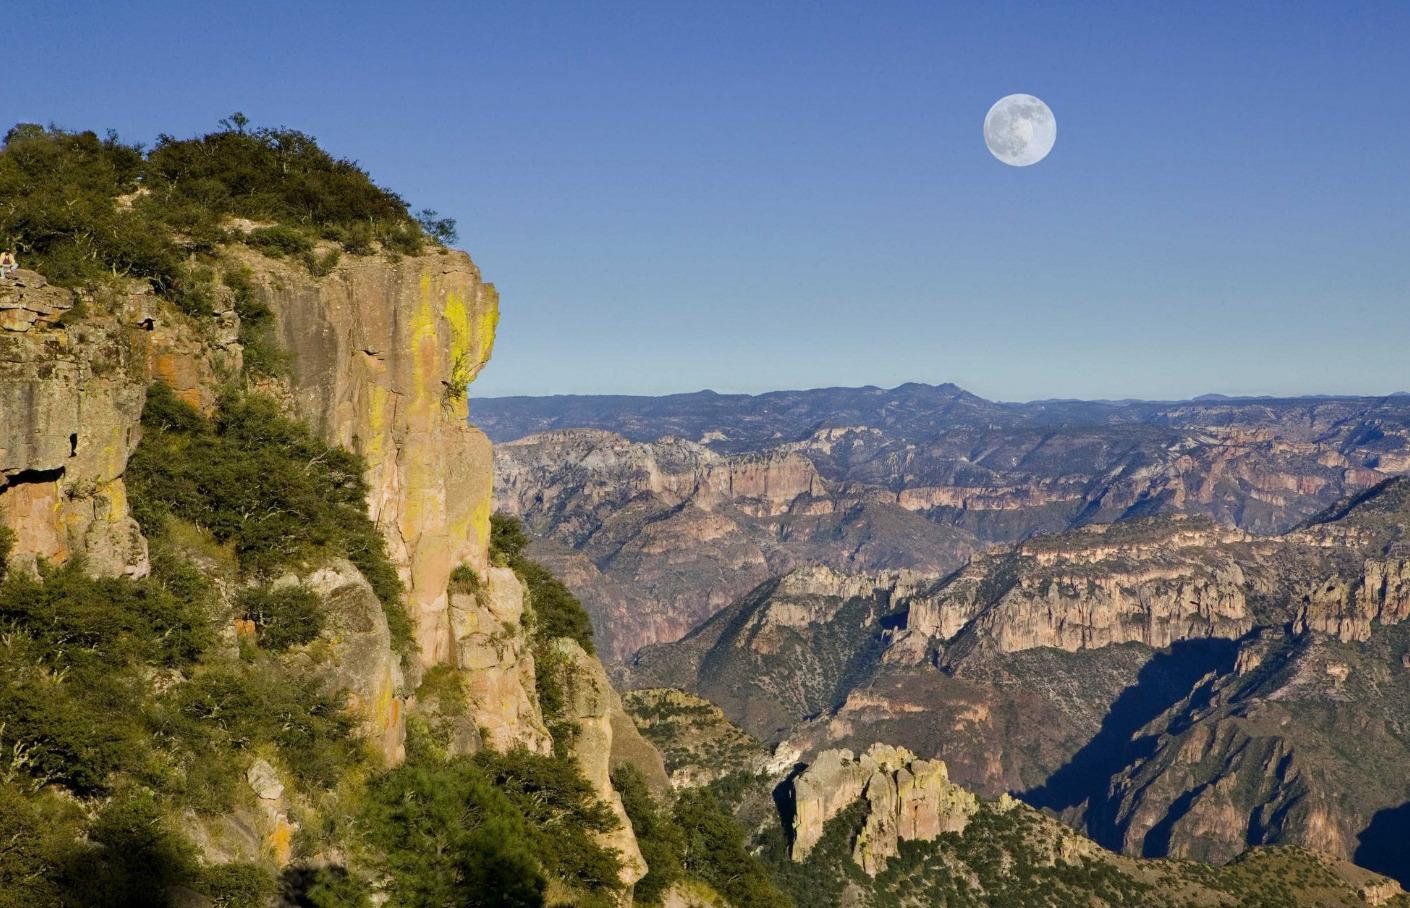 Copper Canyon, called the Barranca del Cobre